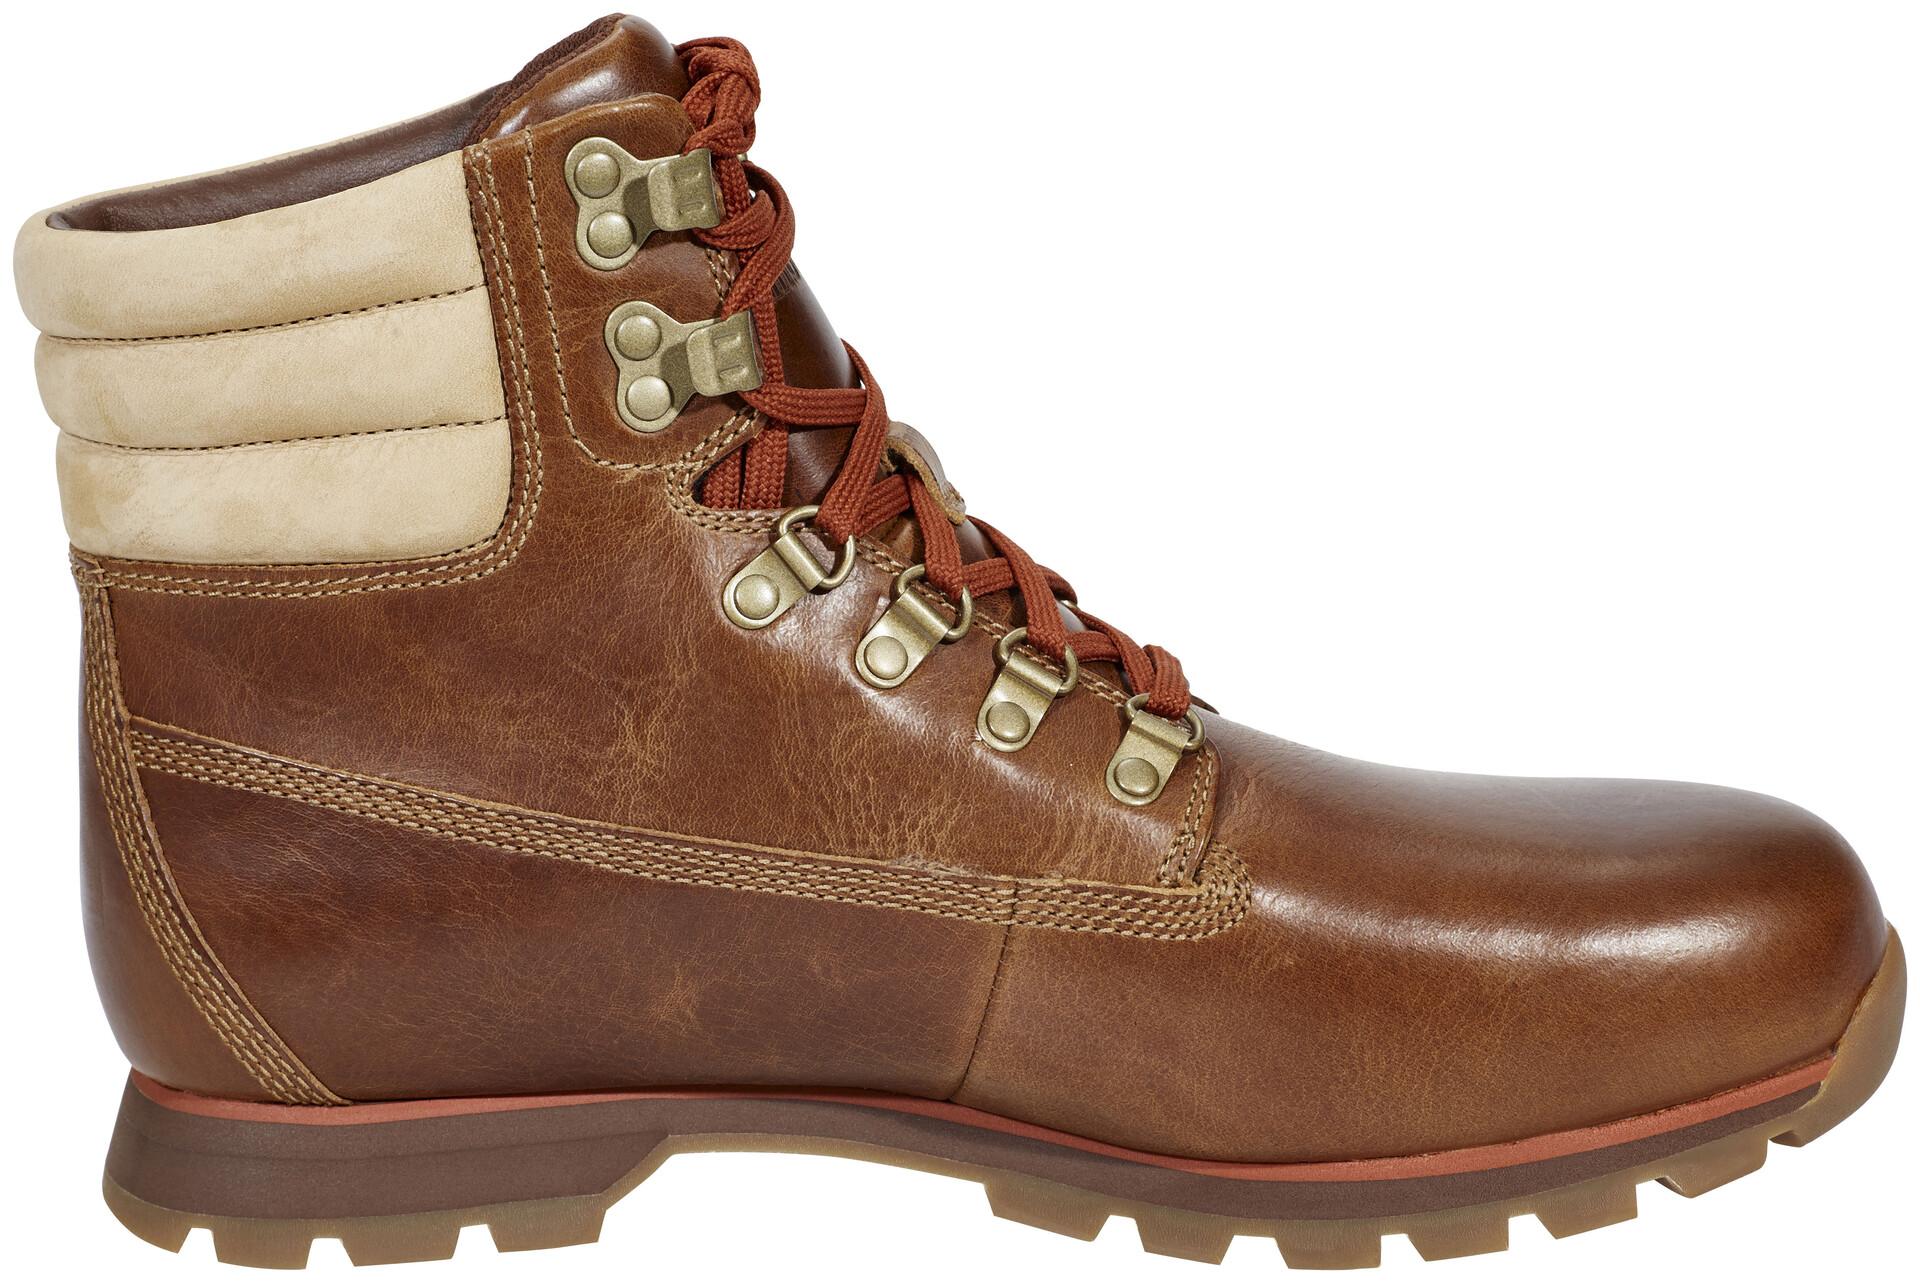 Campz Chaussures Sur Homme Hutchington Beige Hiker